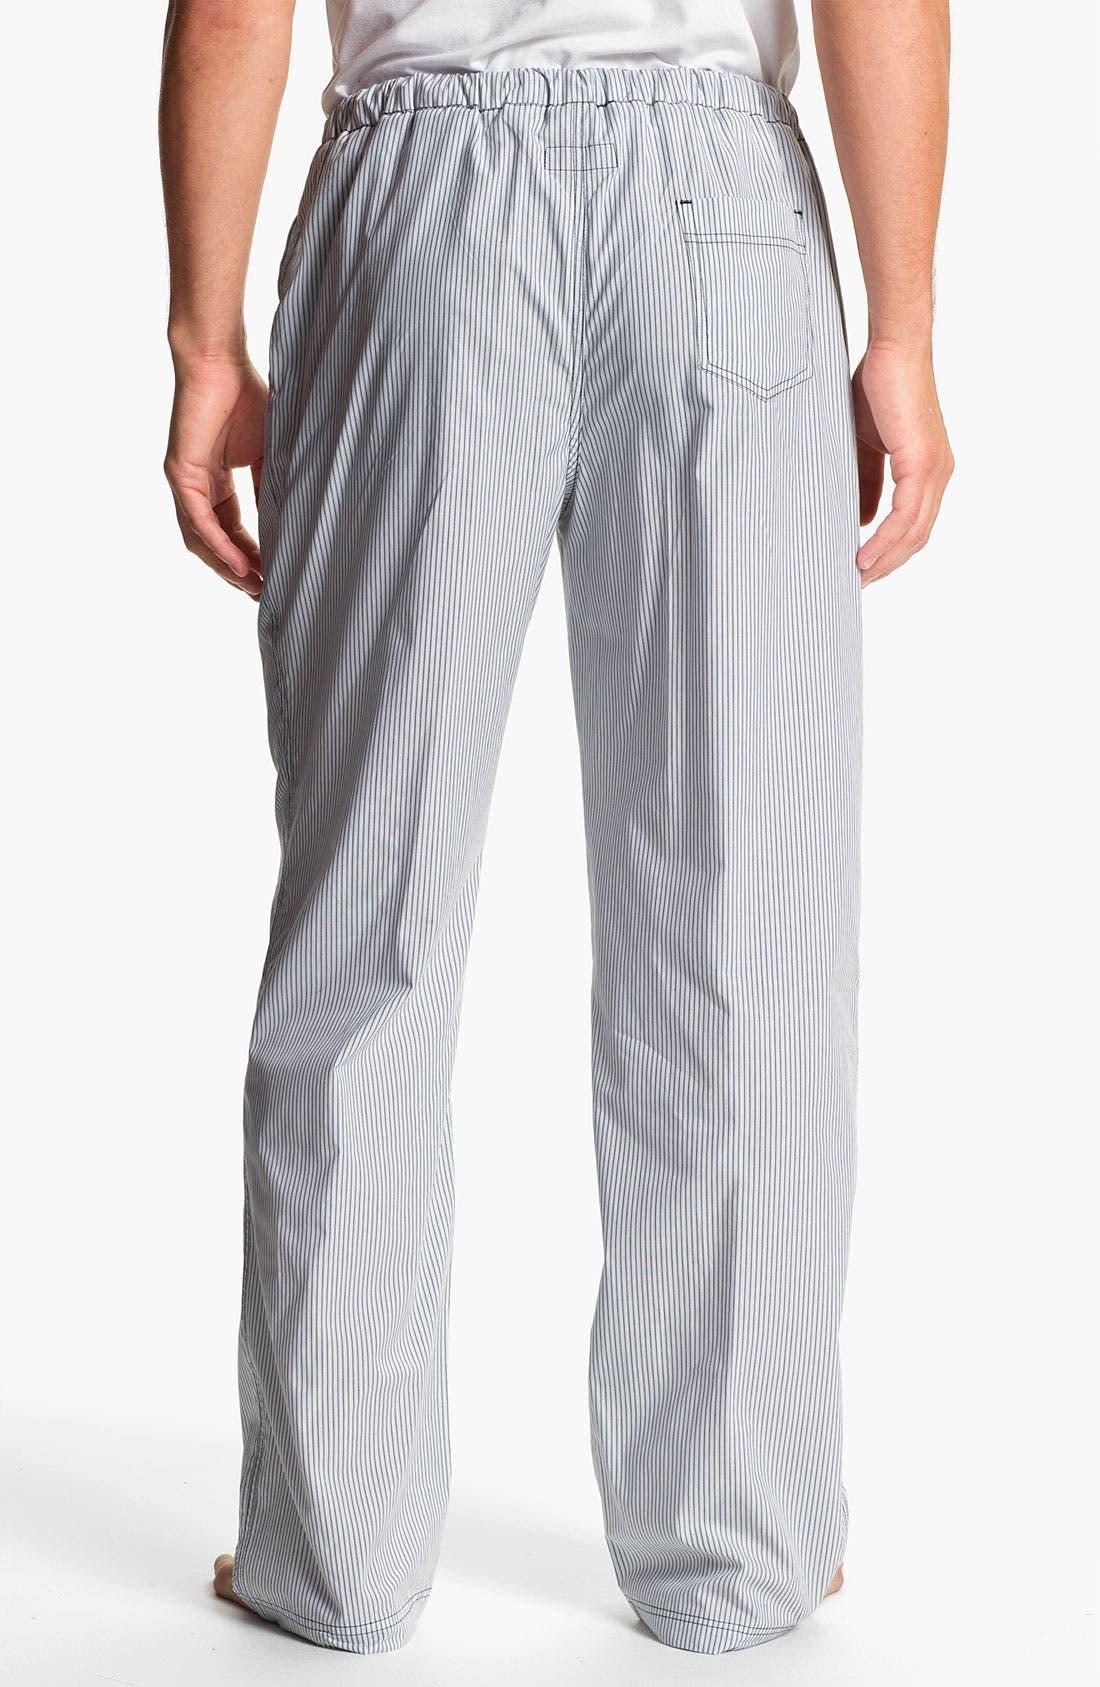 Alternate Image 2  - Daniel Buchler Woven Cotton Lounge Pants